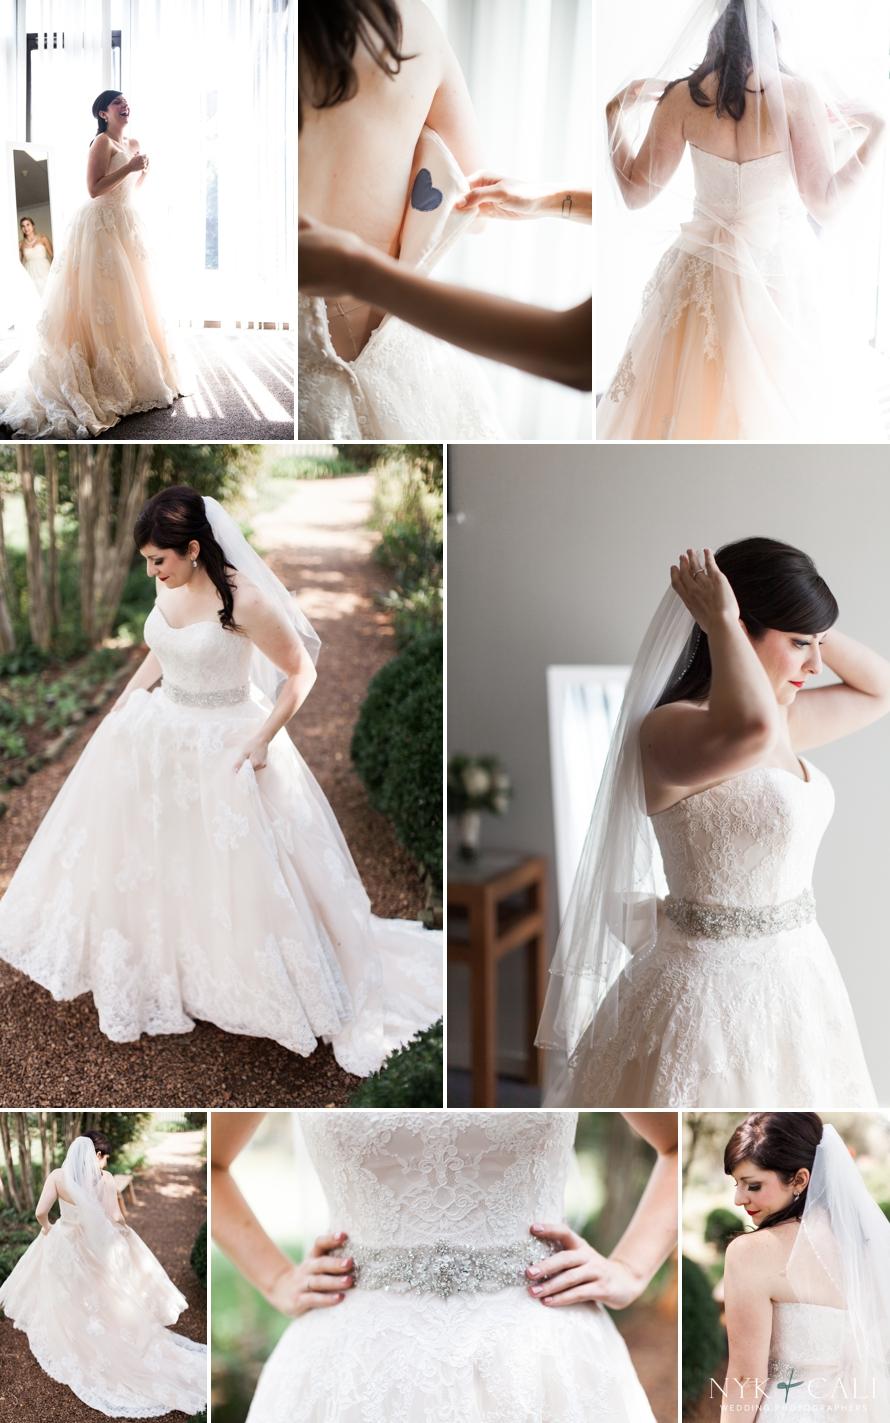 nashville-hermitage-wedding-photography-Nyk-Cali-02